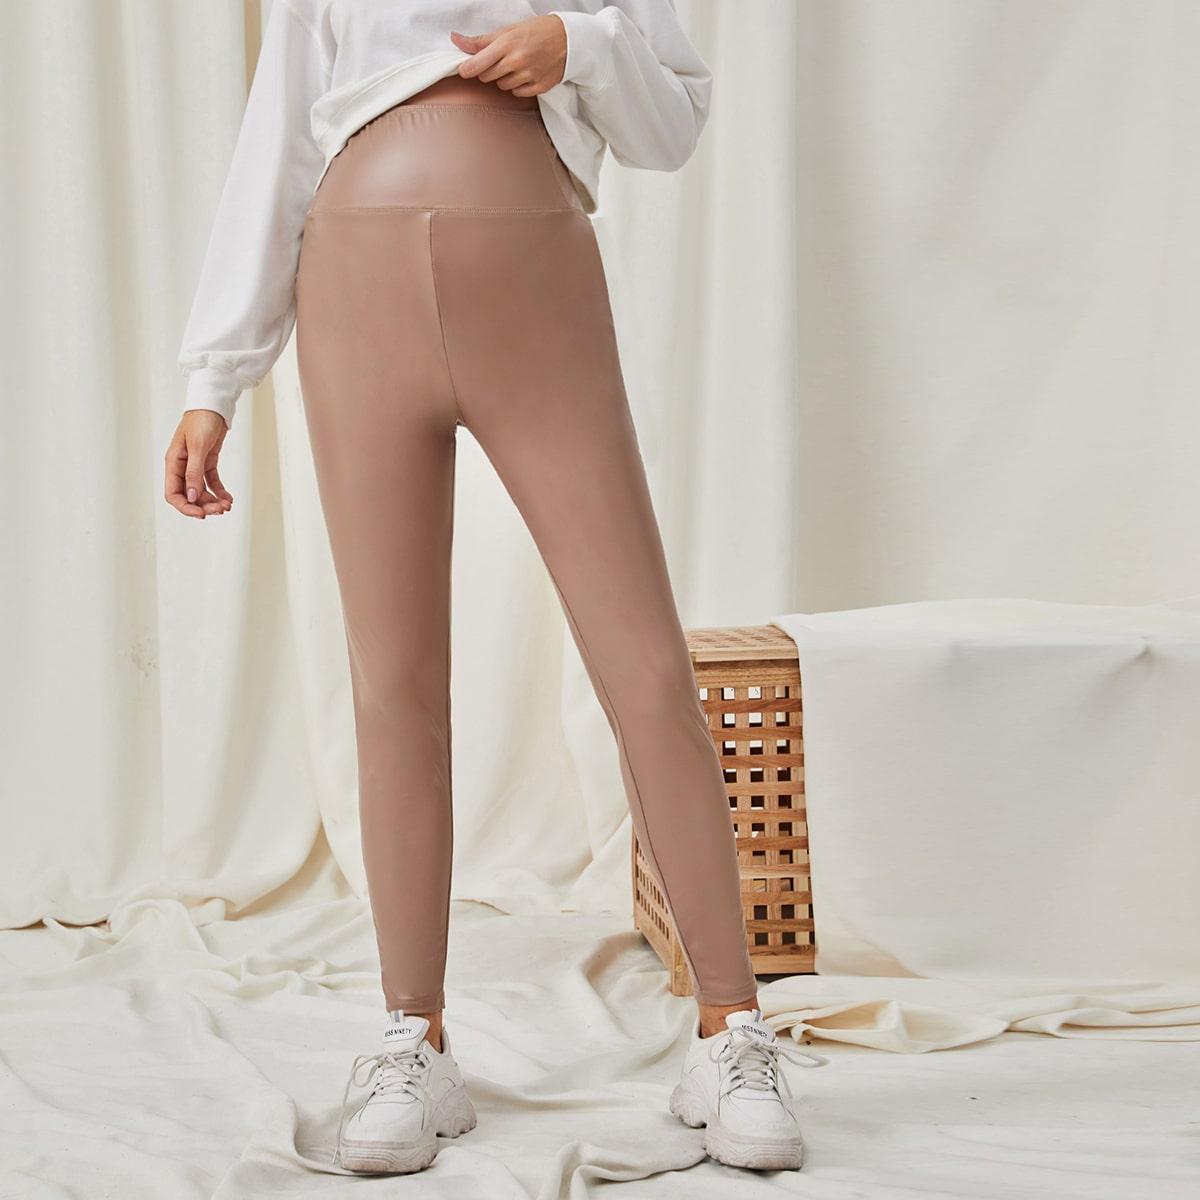 Колготки из ПУ с широким поясом для беременных от SHEIN